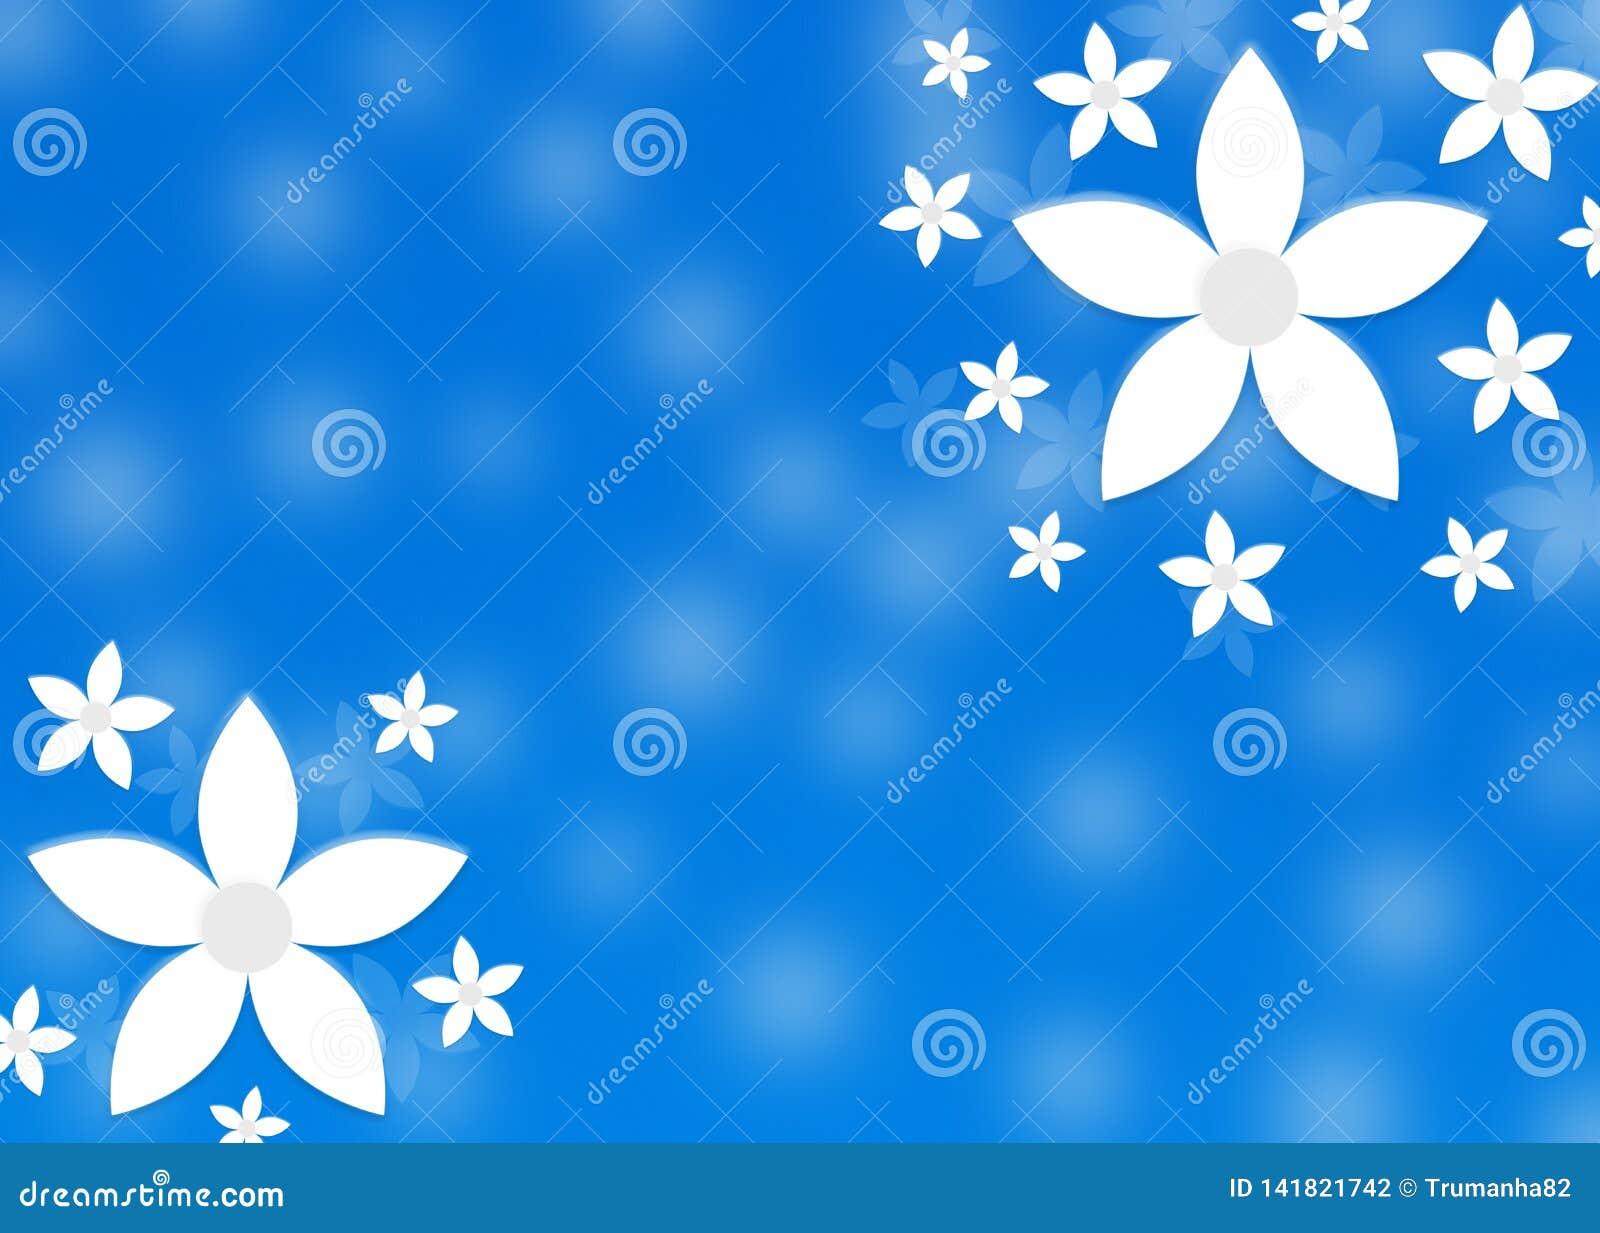 Αφηρημένα άσπρα λουλούδια στο μουτζουρωμένο μπλε υπόβαθρο